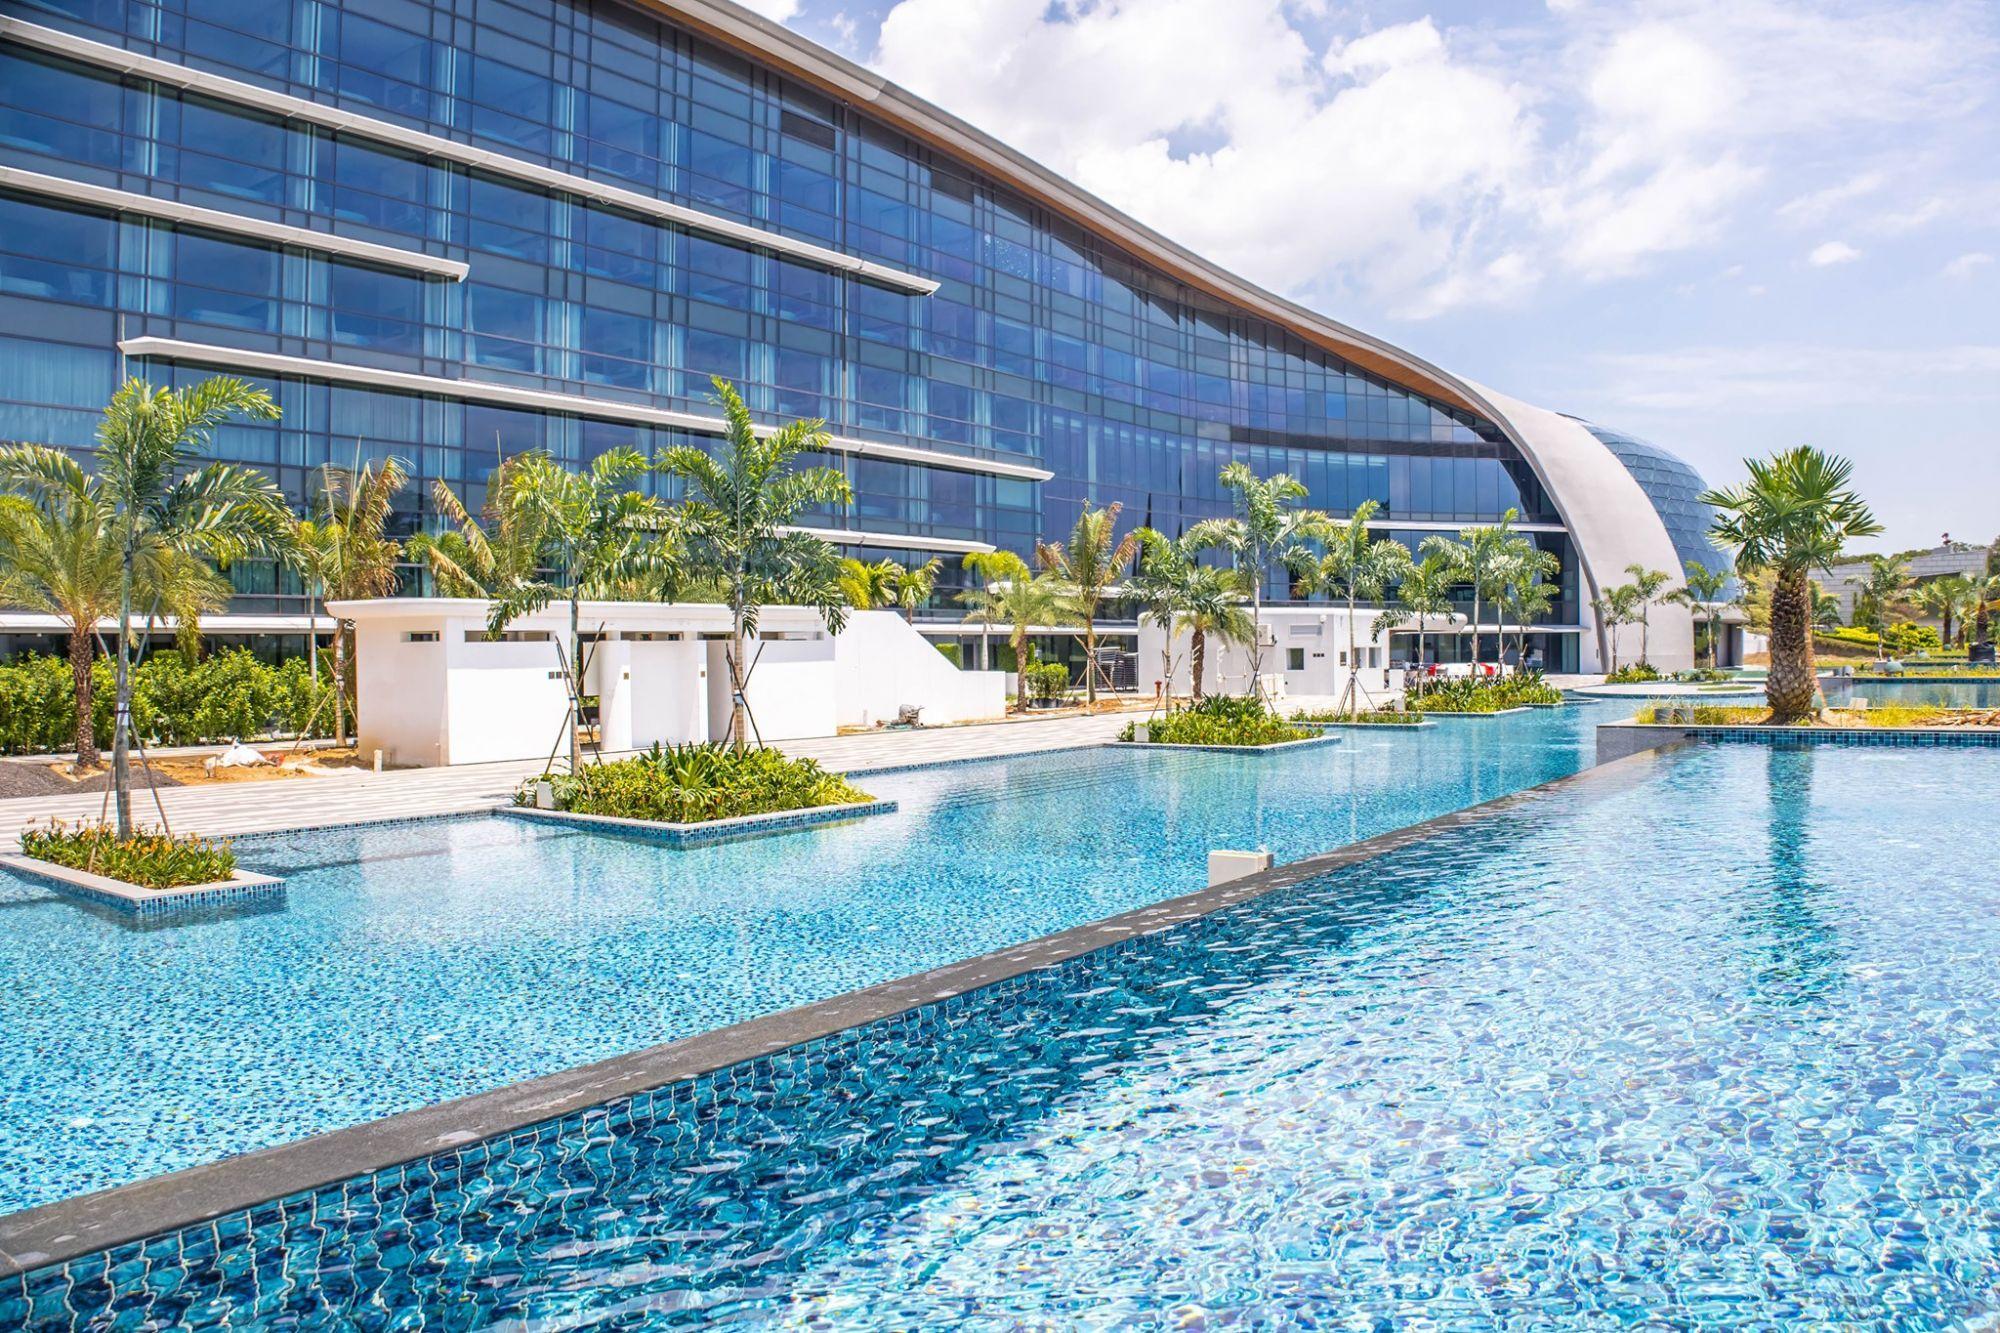 Swimming area (Image: Dusit Thani Laguna Singapore)